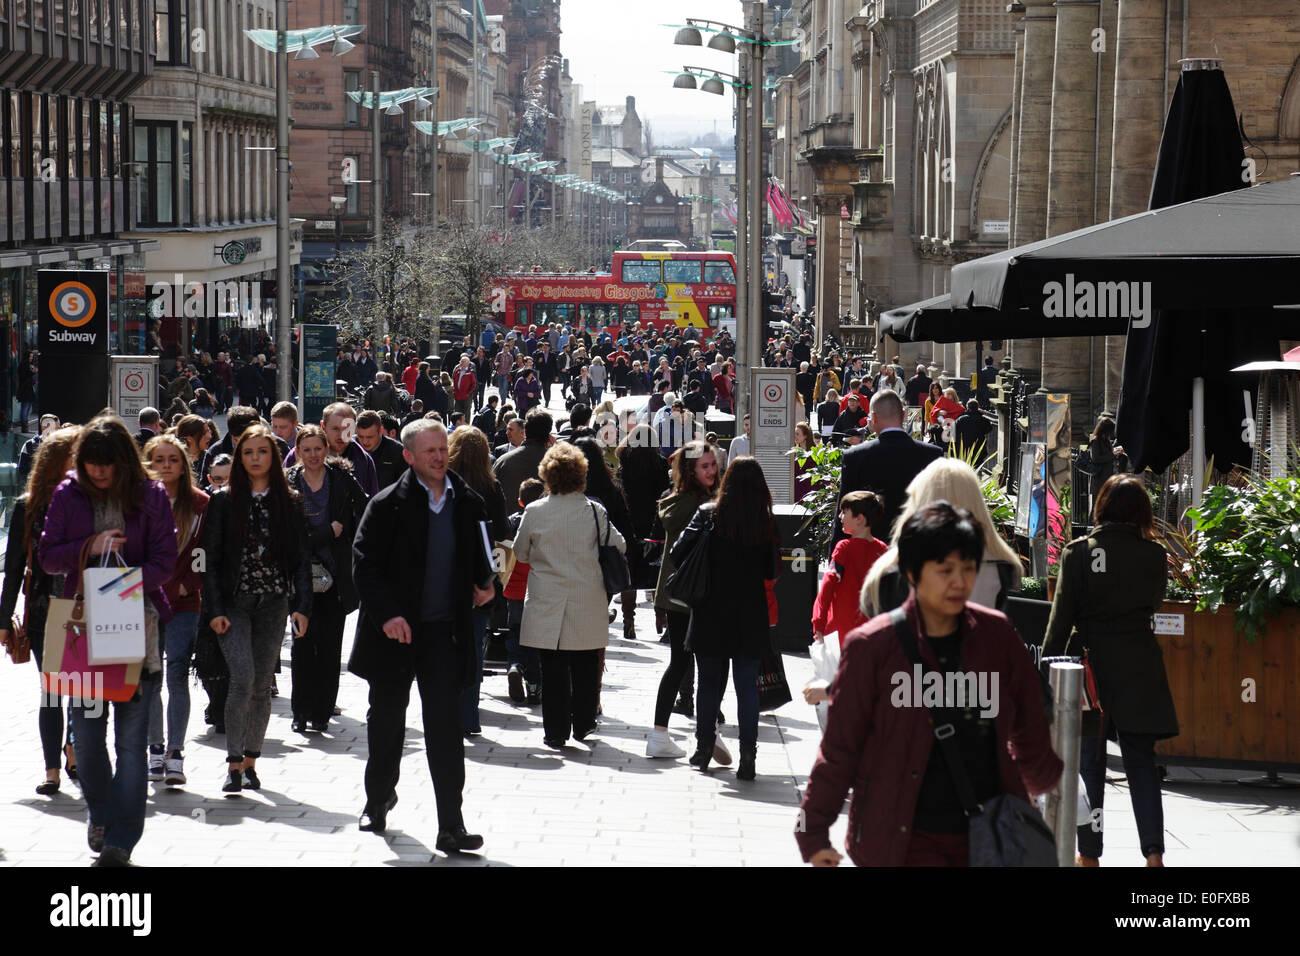 Ansicht Süd, Passanten in der Buchanan Street in Glasgow City Centre, Schottland, UK Stockbild